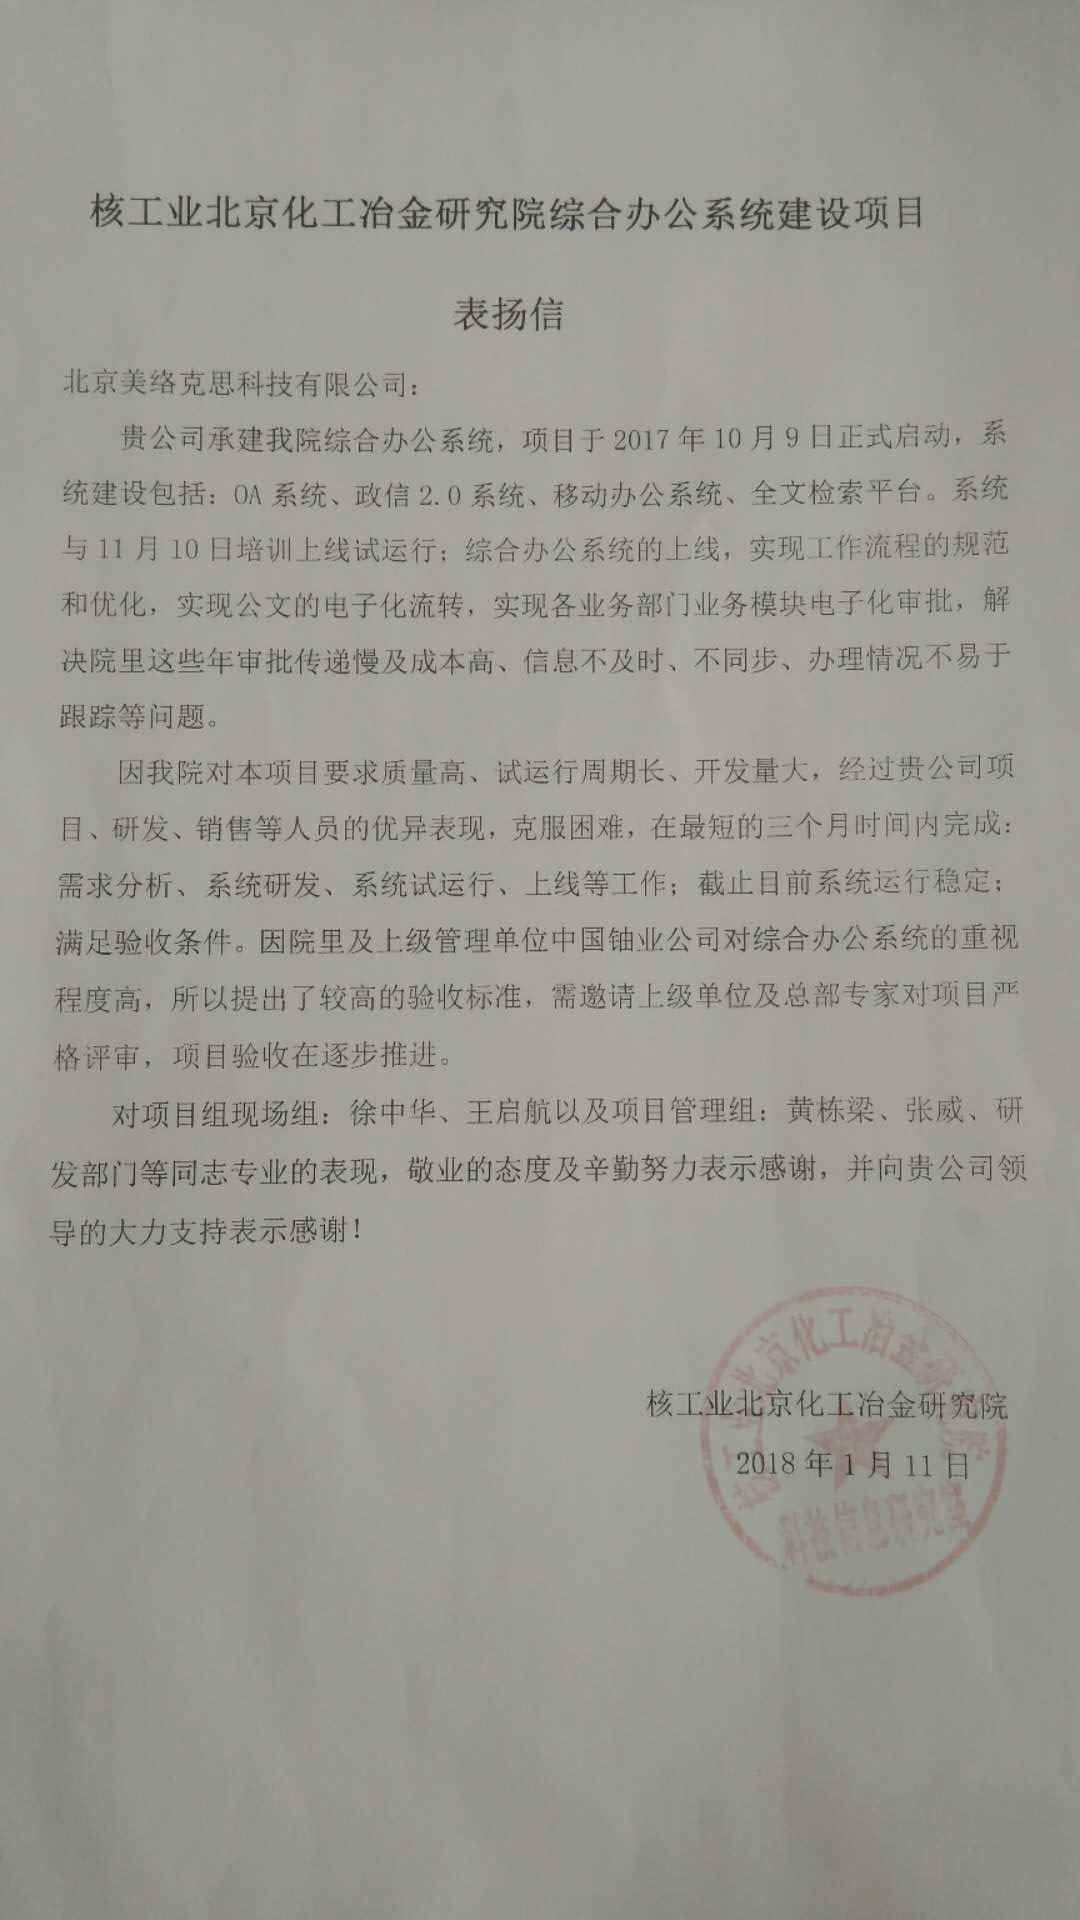 核工业北京化工冶金研究院综合办公系统建设项目表扬信.jpg